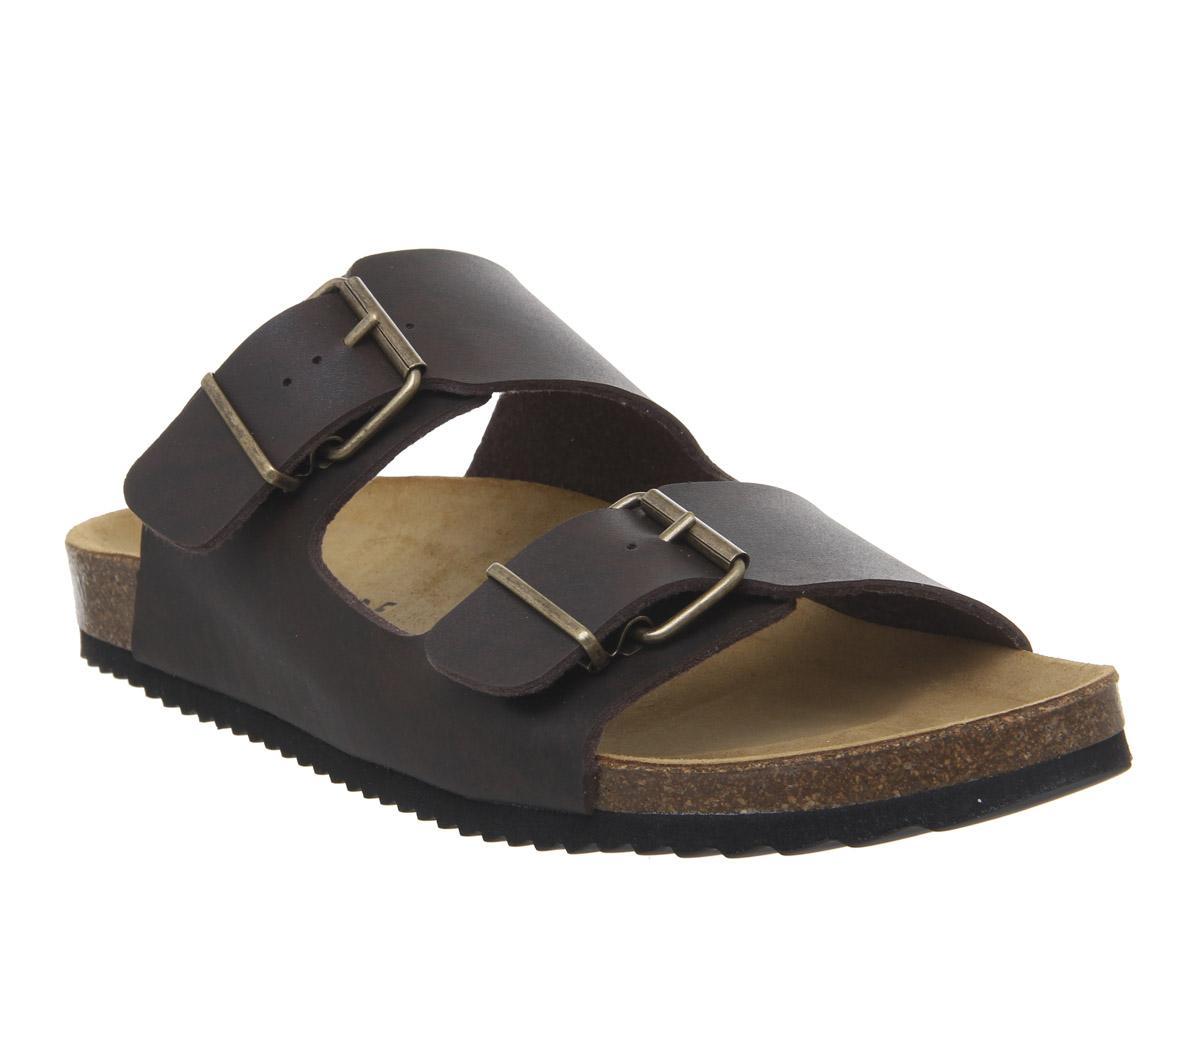 Livingstone Sandals